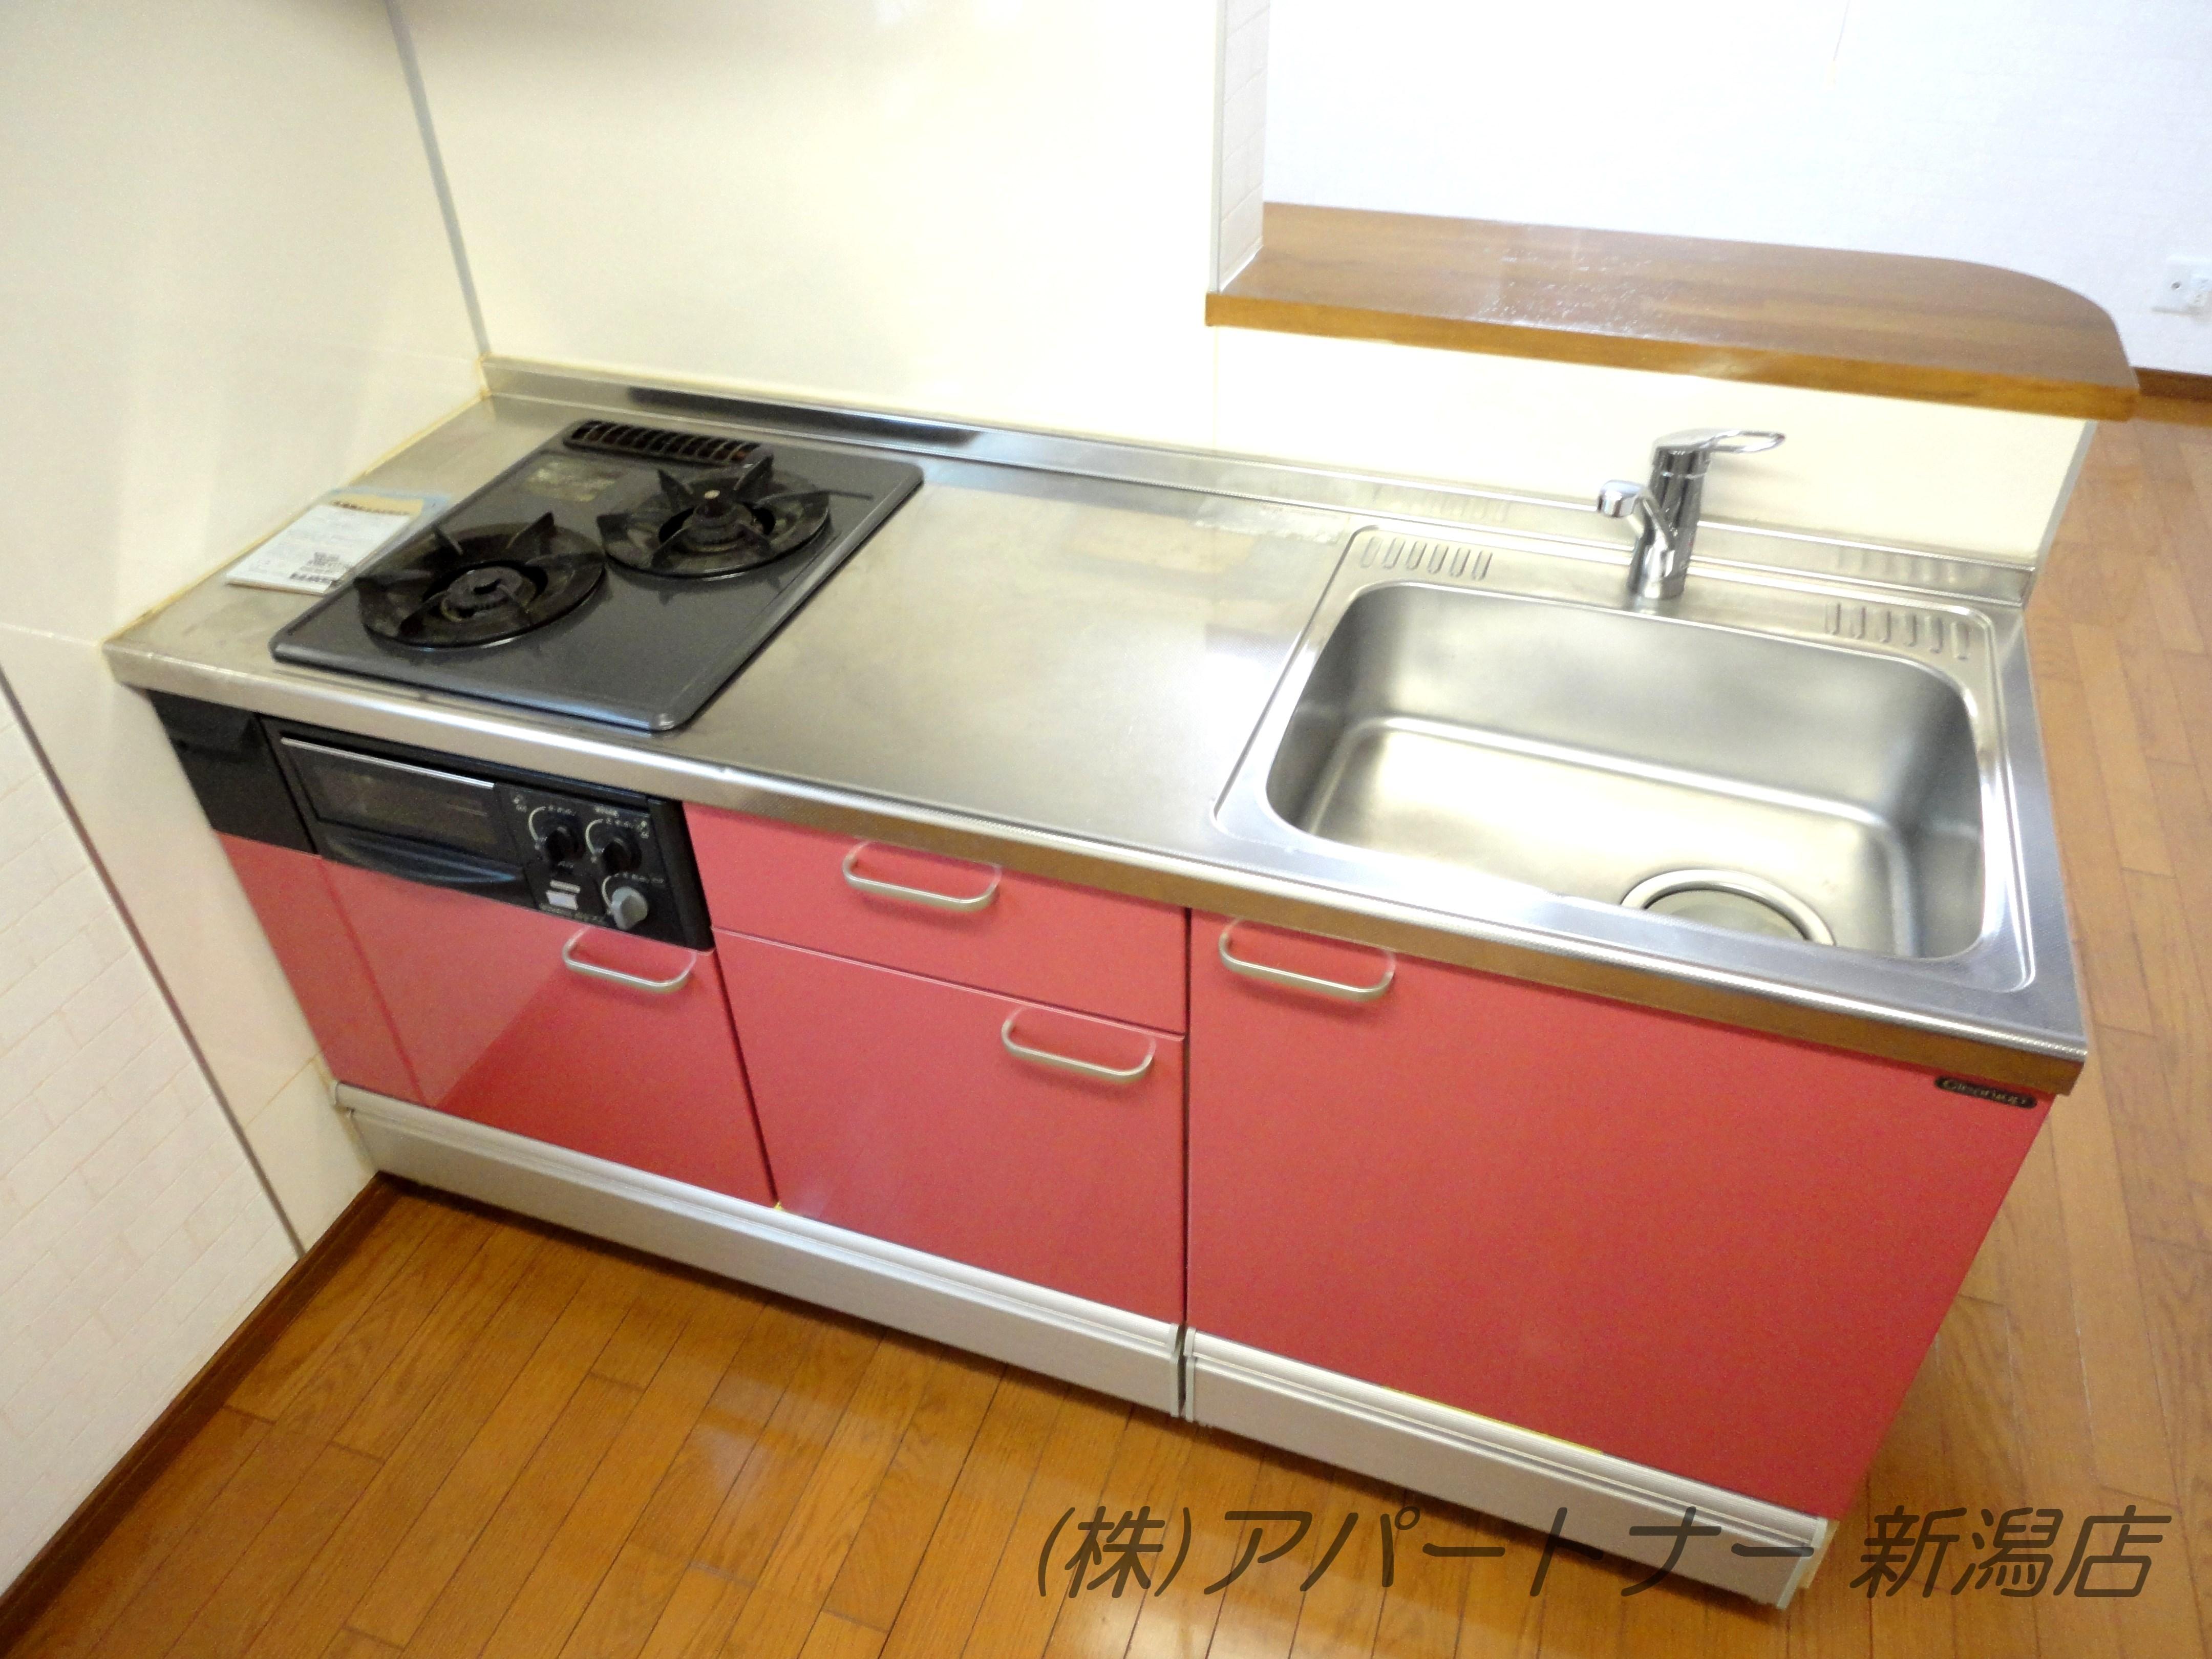 ビルトインガスコンロ(2口)完備のピンク色のかわいいシステムキッチン。